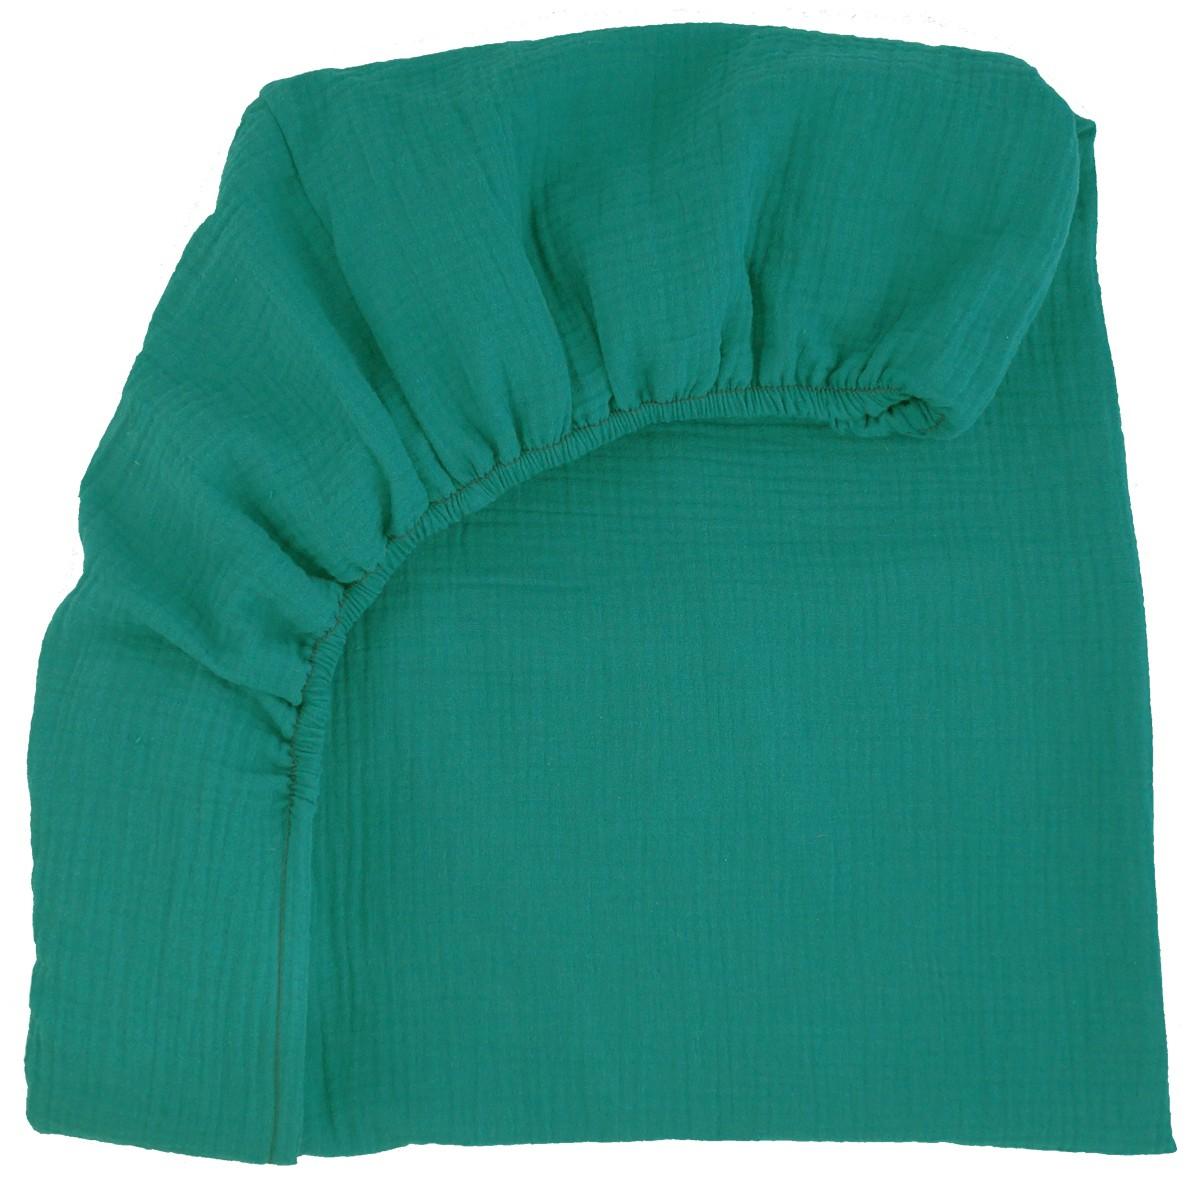 Drap housse 90 cm x 200 cm en gaze de coton Bleu vert